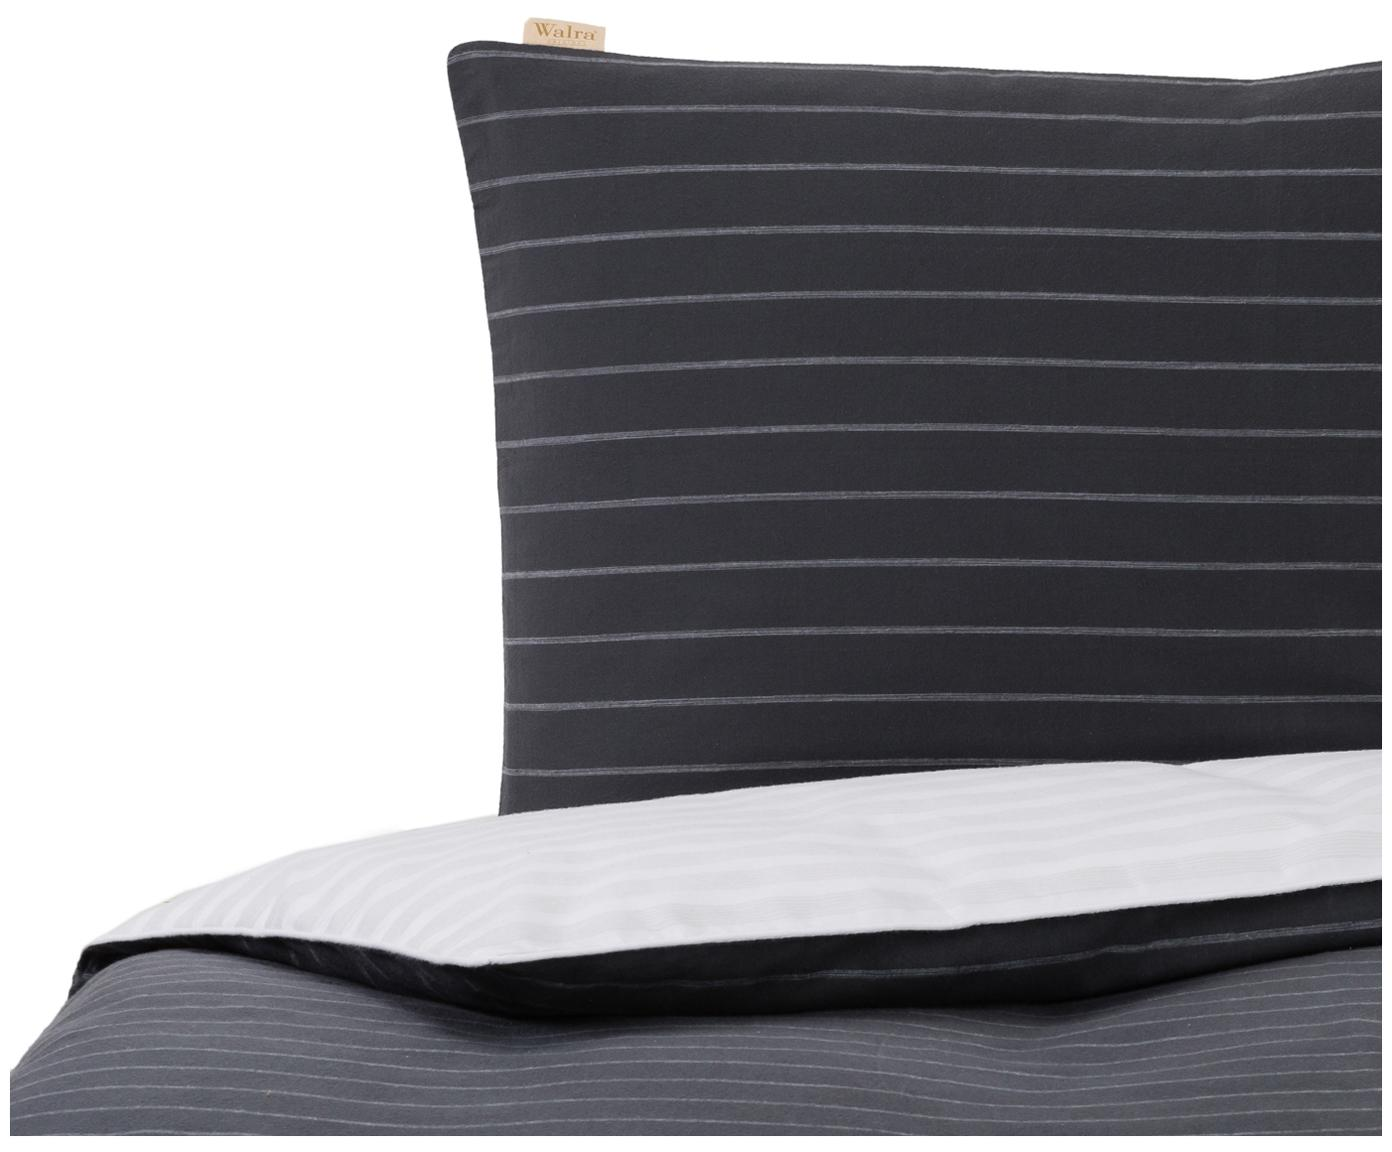 Flanell-Wendebettwäsche Refined Weaves, gestreift, Webart: Flanell Flanell ist ein s, Anthrazit, Weiß, 135 x 200 cm + 1 Kissen 80 x 80 cm